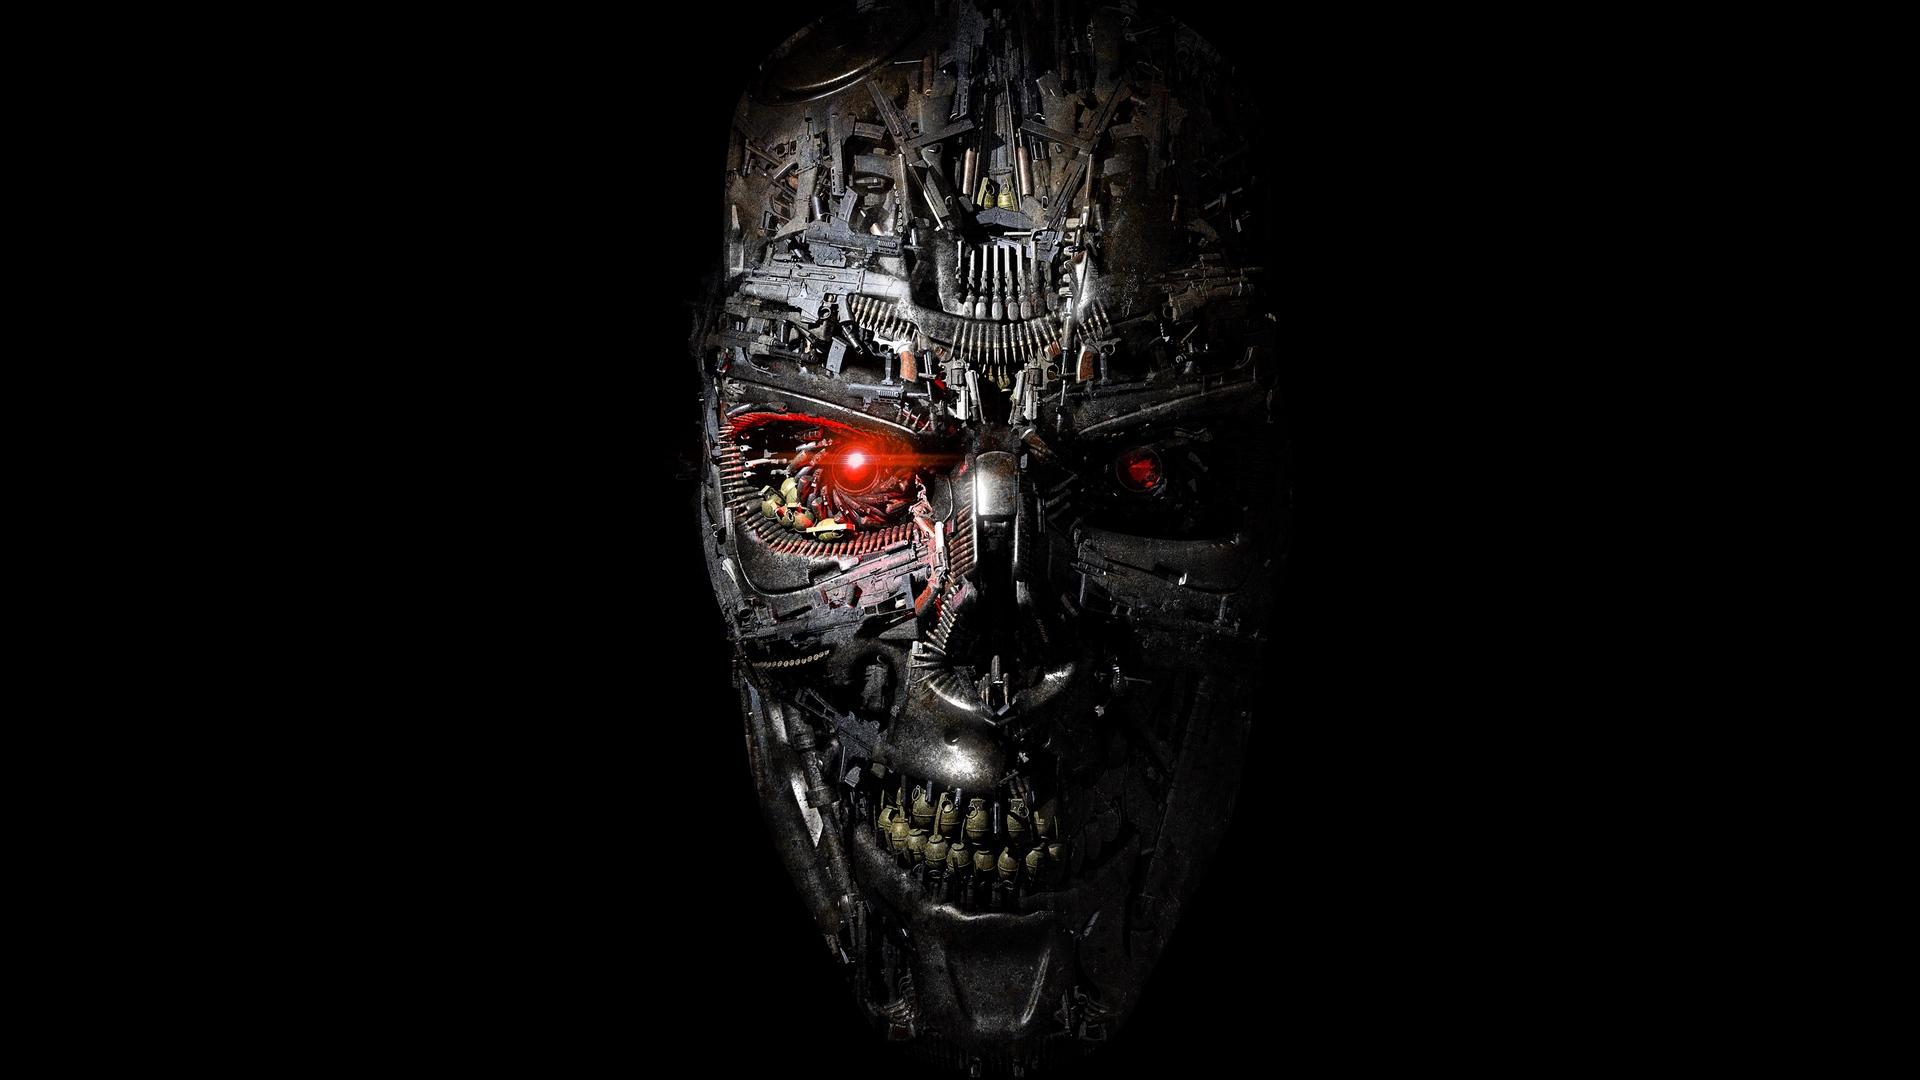 Вышел новый трейлер «Терминатора: Тёмные судьбы» с Арнольдом Шварценеггером